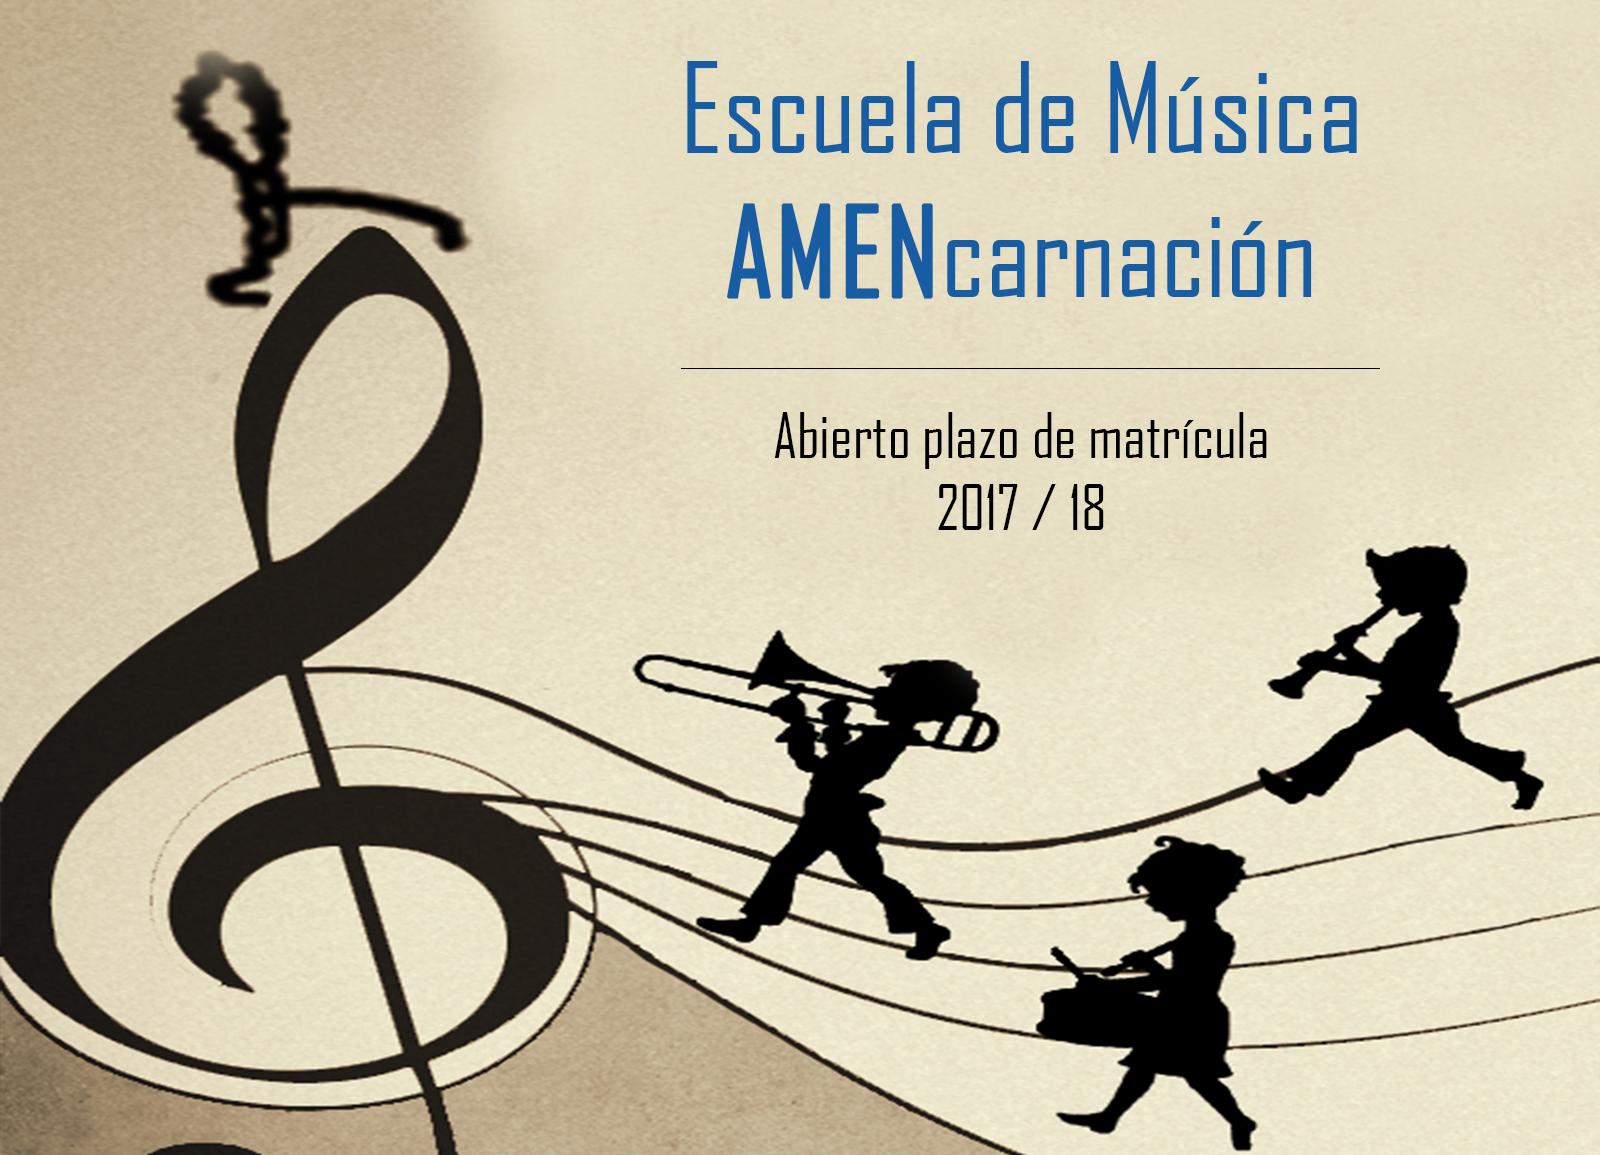 Comienzo de el nuevo curso de la Escuela de Música